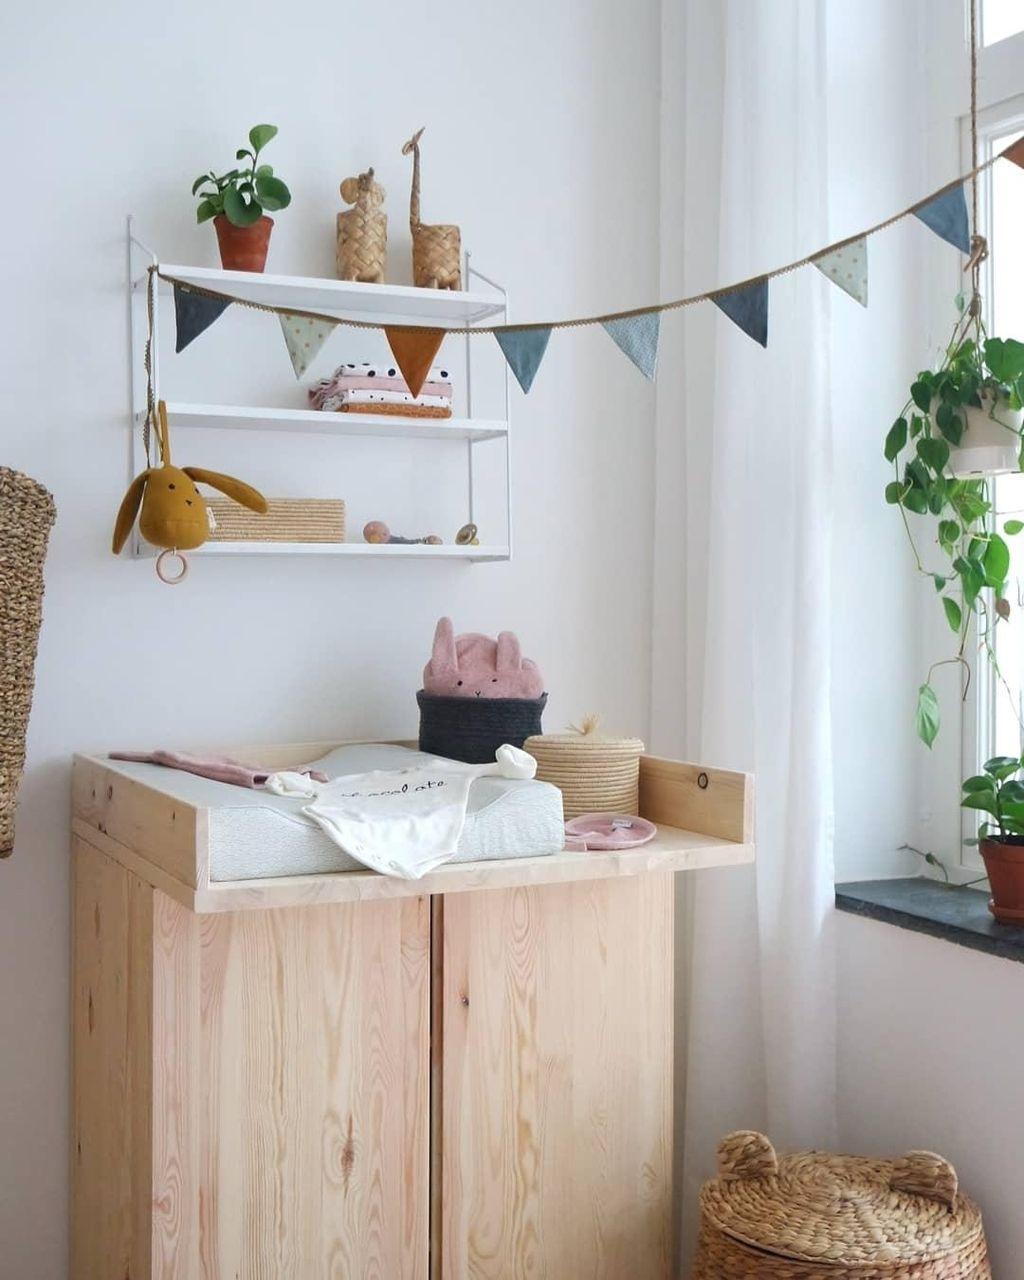 Kinderzimmer Ideen für Wohlfühl-Buden: So geht's! #zimmerkleineinrichten